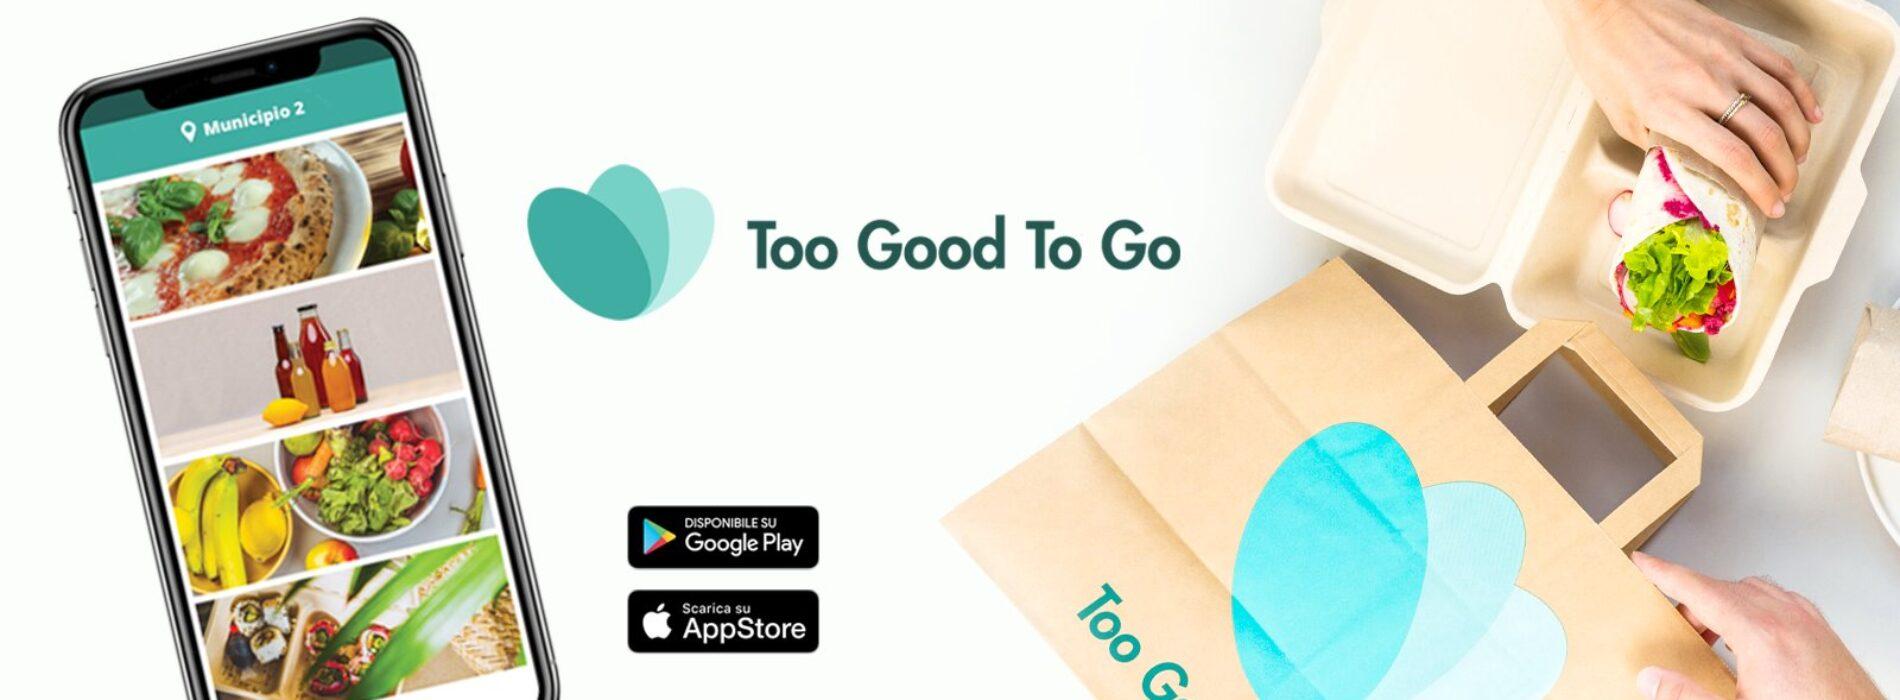 Too Good To Go, la piattaforma contro lo spreco che salva il cibo invenduto